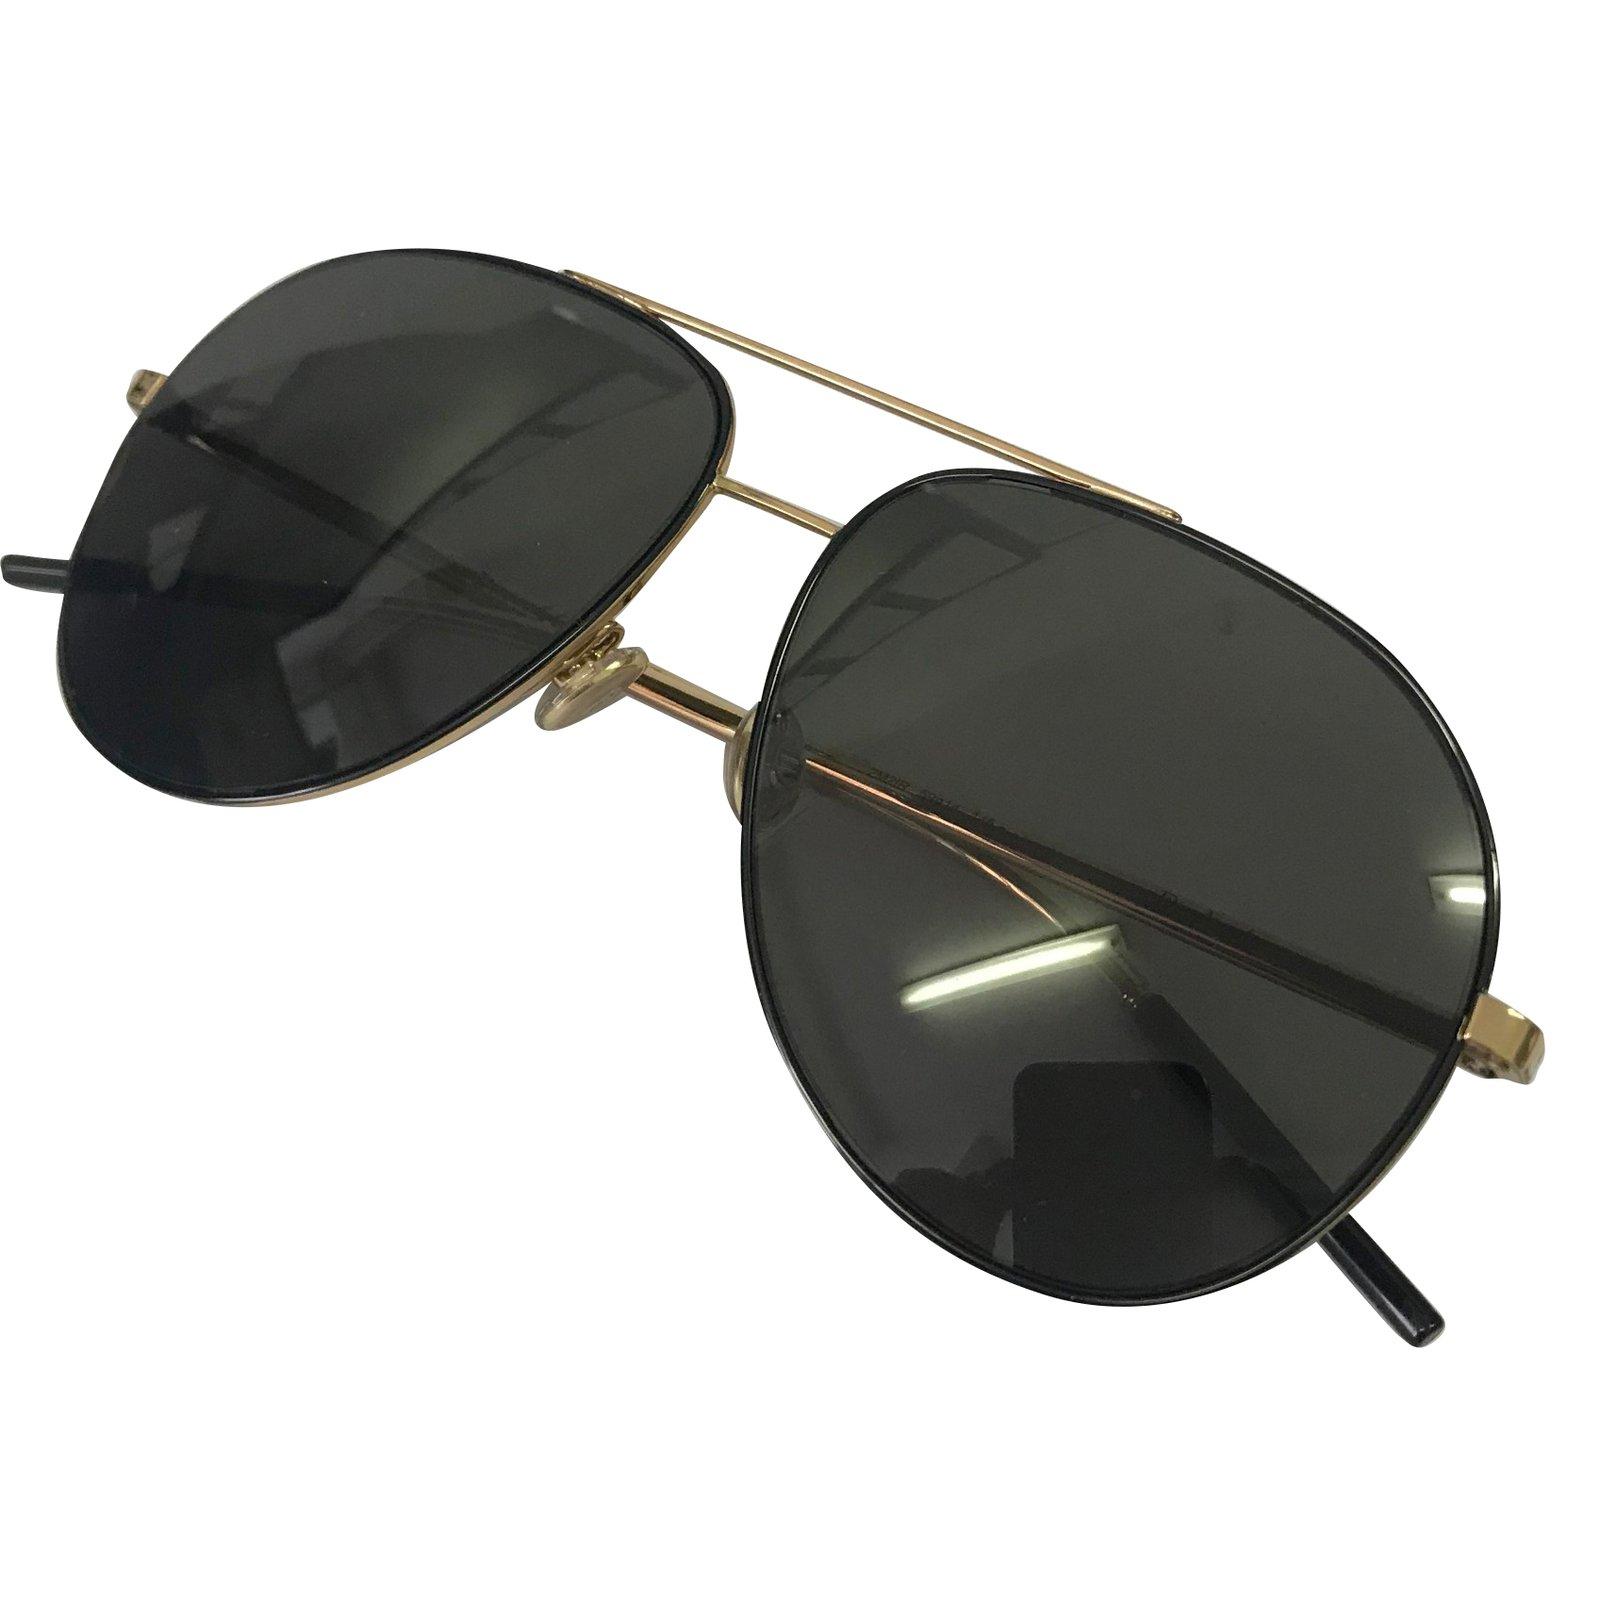 25ac08c4880e9a 71421 71421 Ref Lunettes doré Homme Homme De Soleil Noir Métal Dior 0w4qfS08